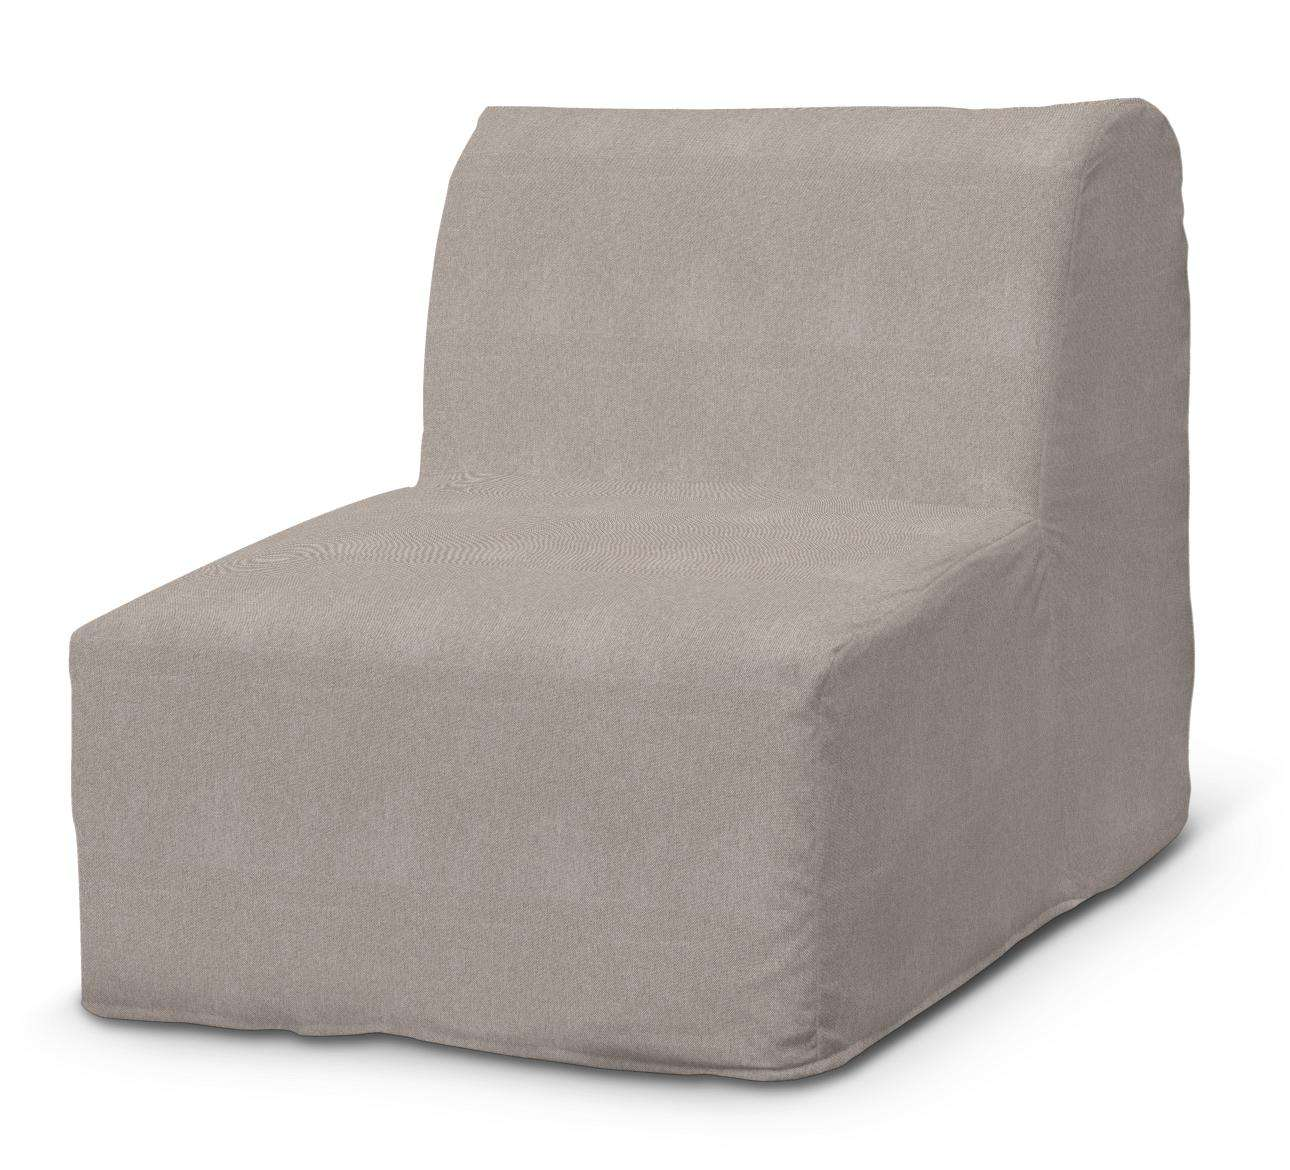 Lycksele Sesselbezug fotel Lycksele von der Kollektion Etna, Stoff: 705-09